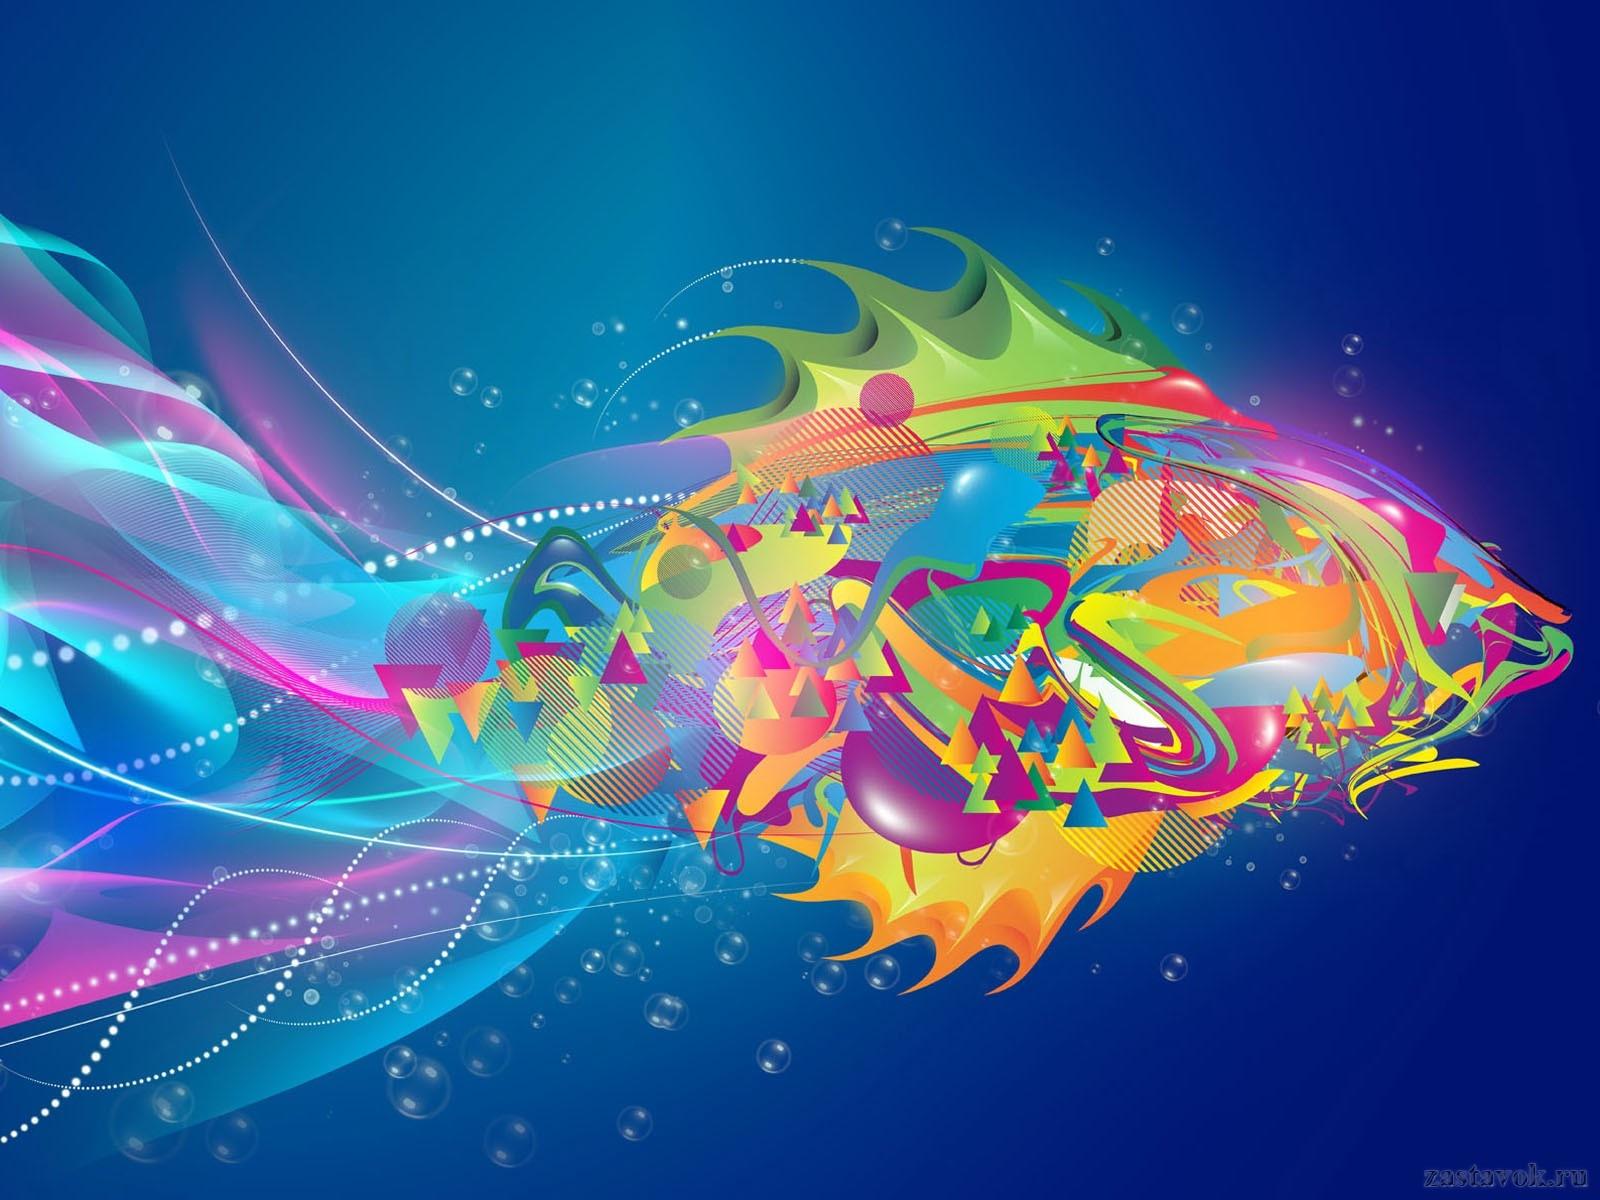 3d Wallpaper Download 100 HDQ Pics Desktop 4K Full HD Pics 1600x1200